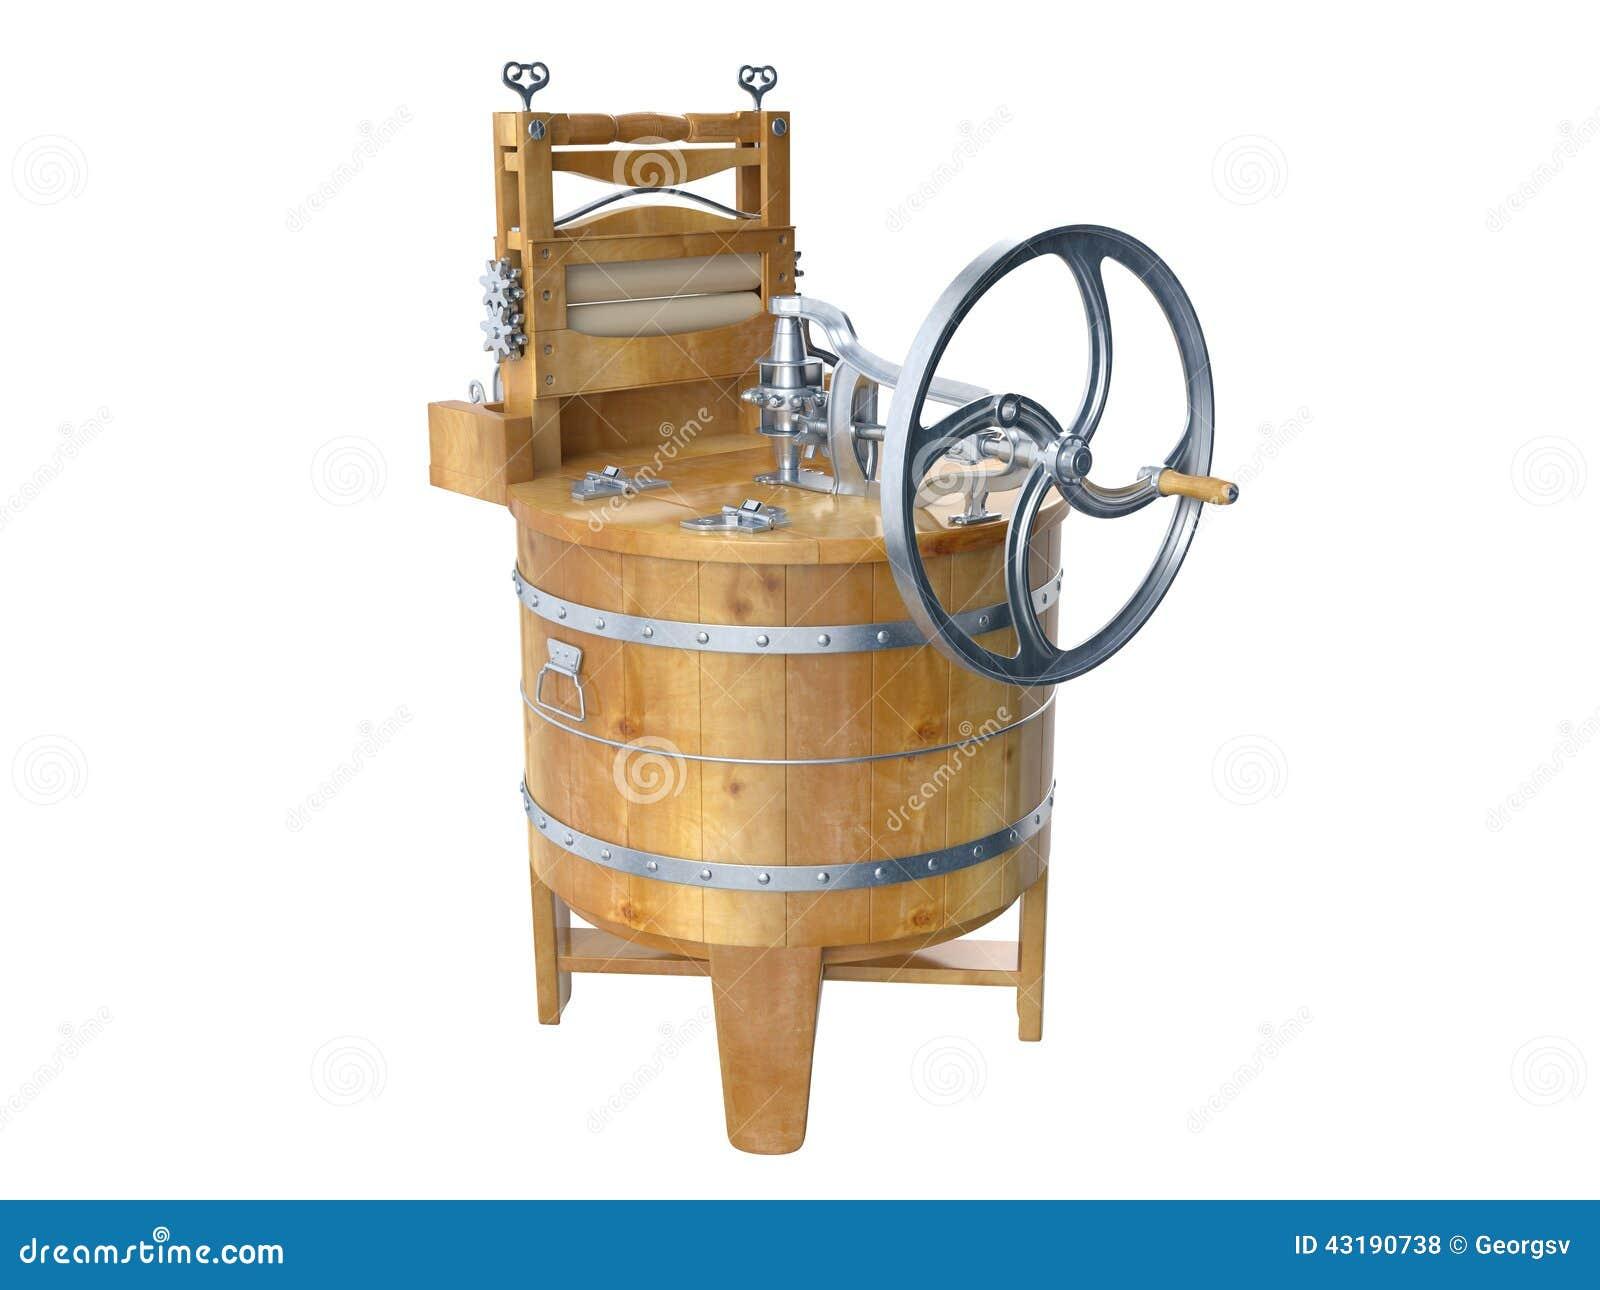 Lavadoras foto de archivo imagen de m quina dom stico for Fotos de lavadoras